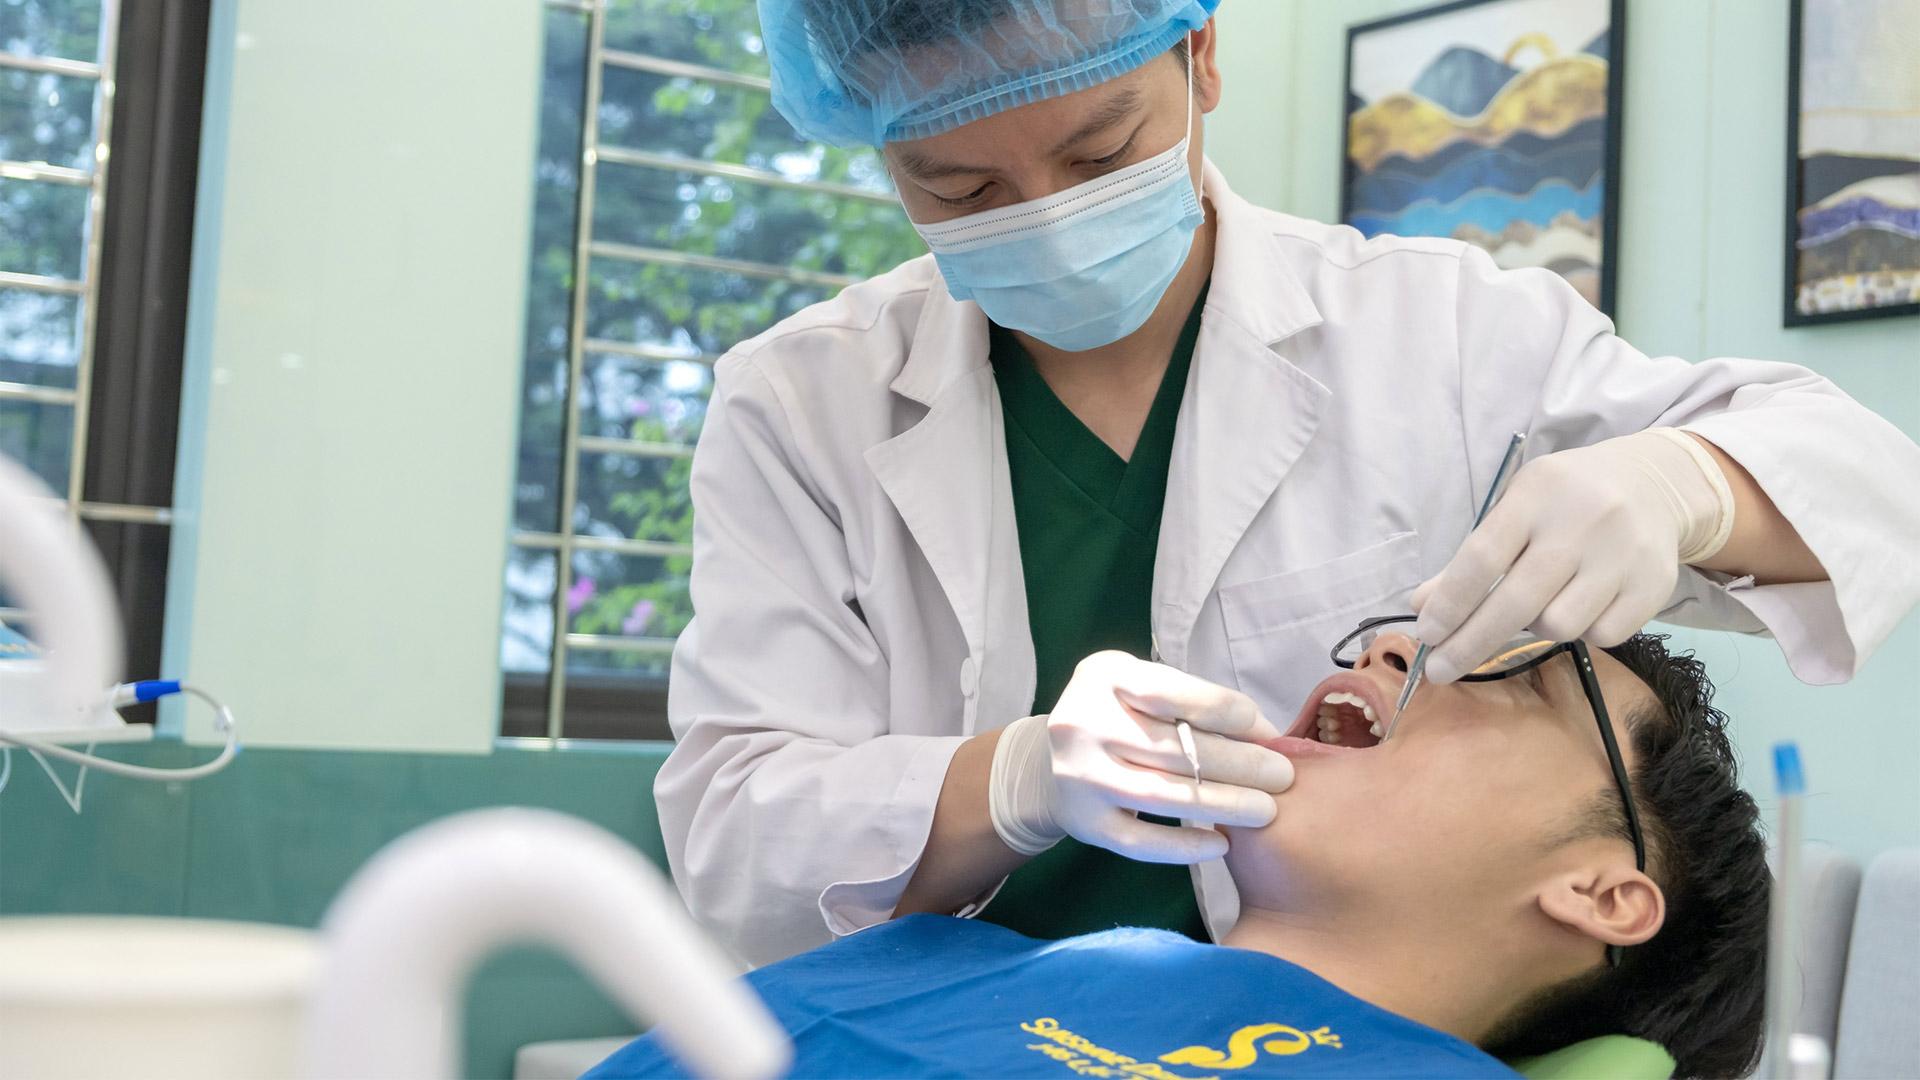 Nha khoa, phẫu thuật thẩm mĩ có thể thành mũi nhọn để phát triển du lịch y tế ở Việt Nam - Ảnh 2.